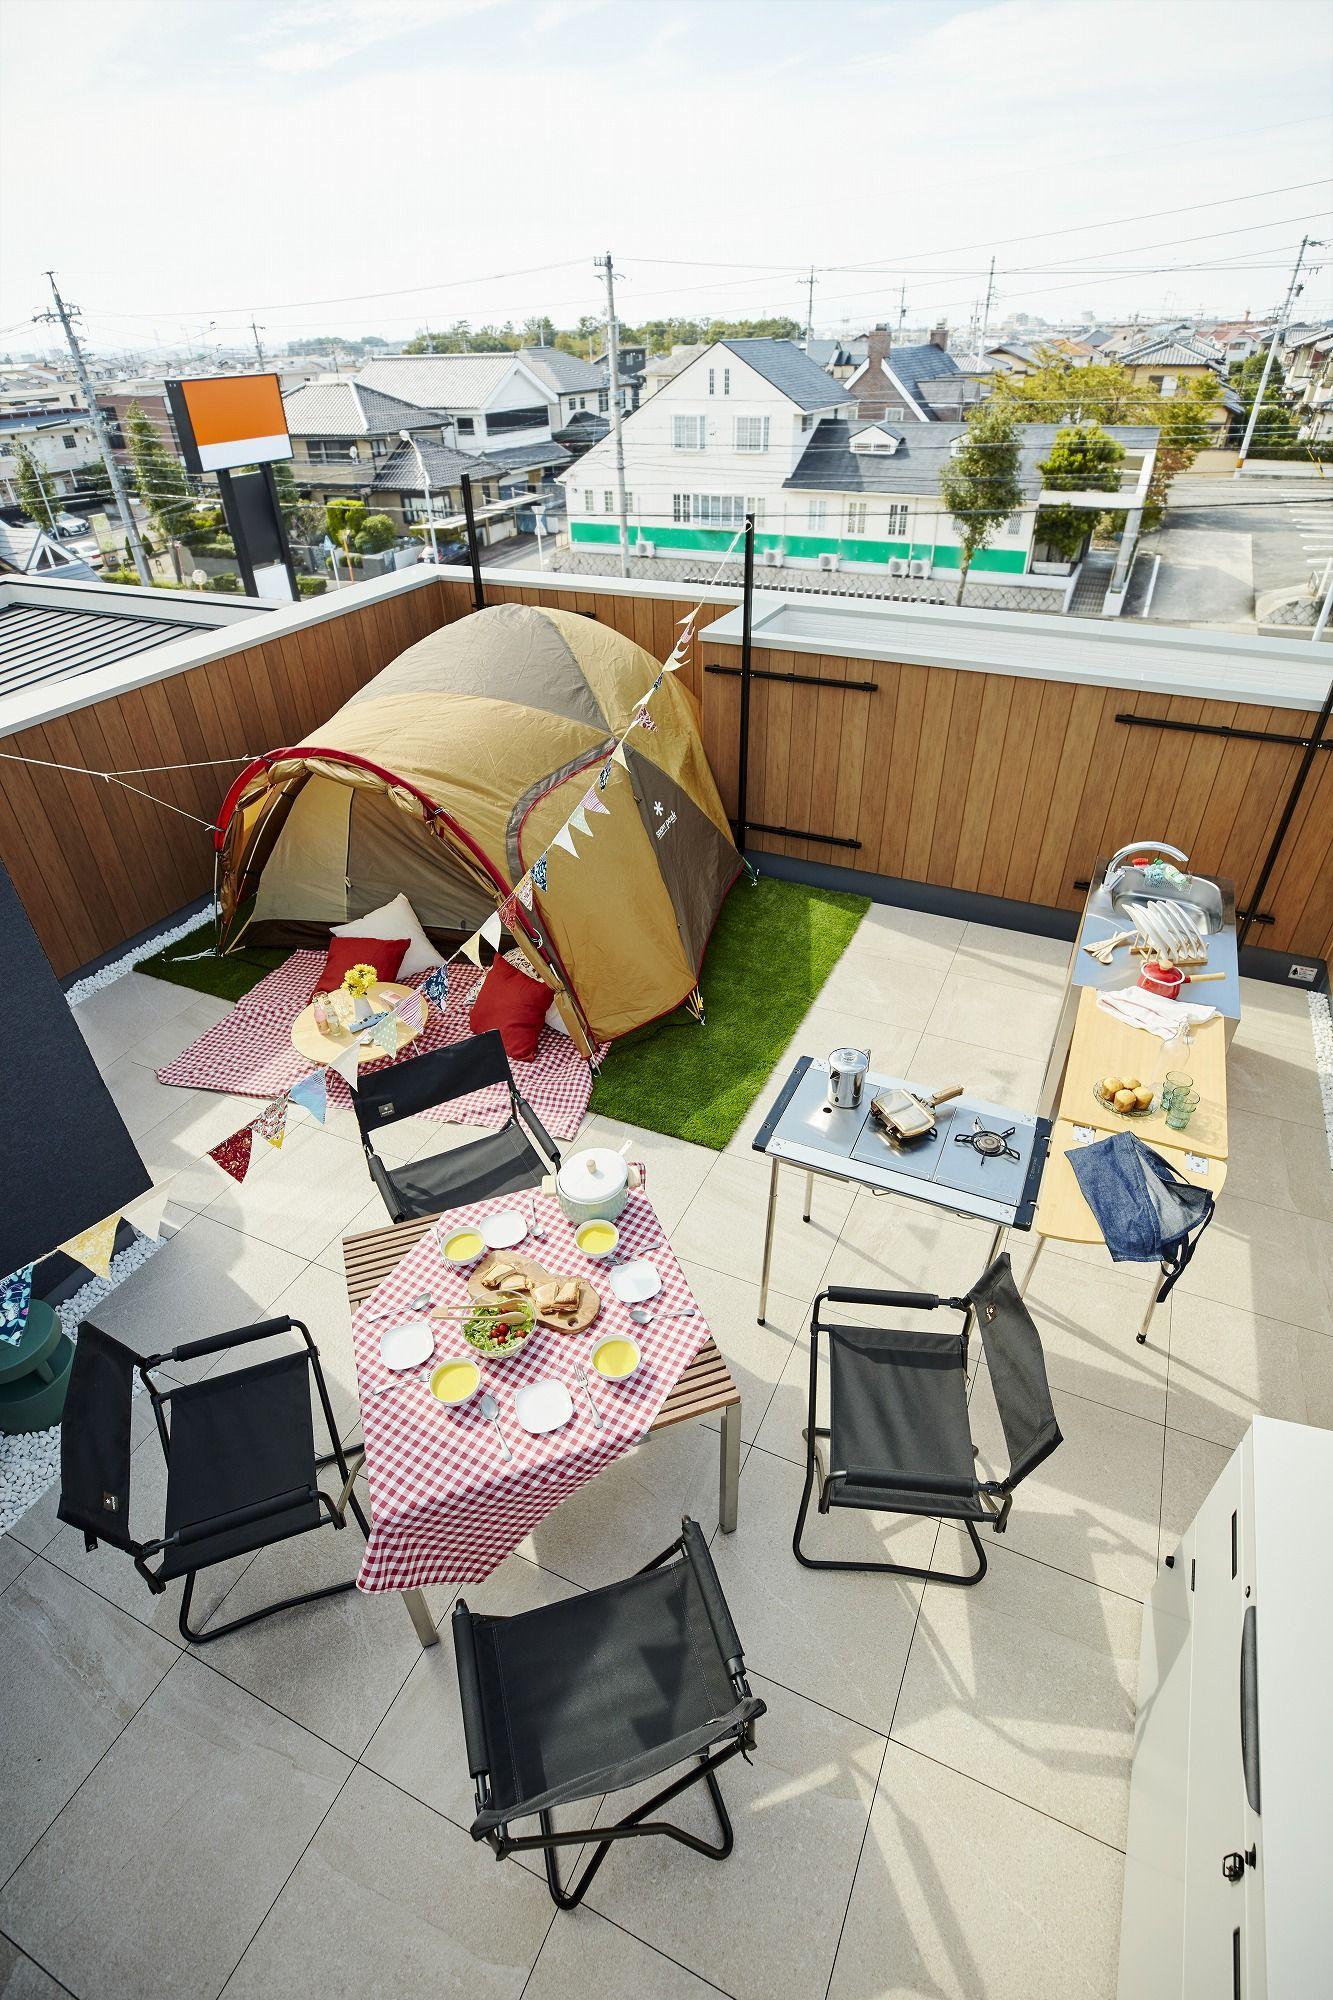 週末は自宅の屋上がキャンプ場 家族の外遊びは屋上で リビングの